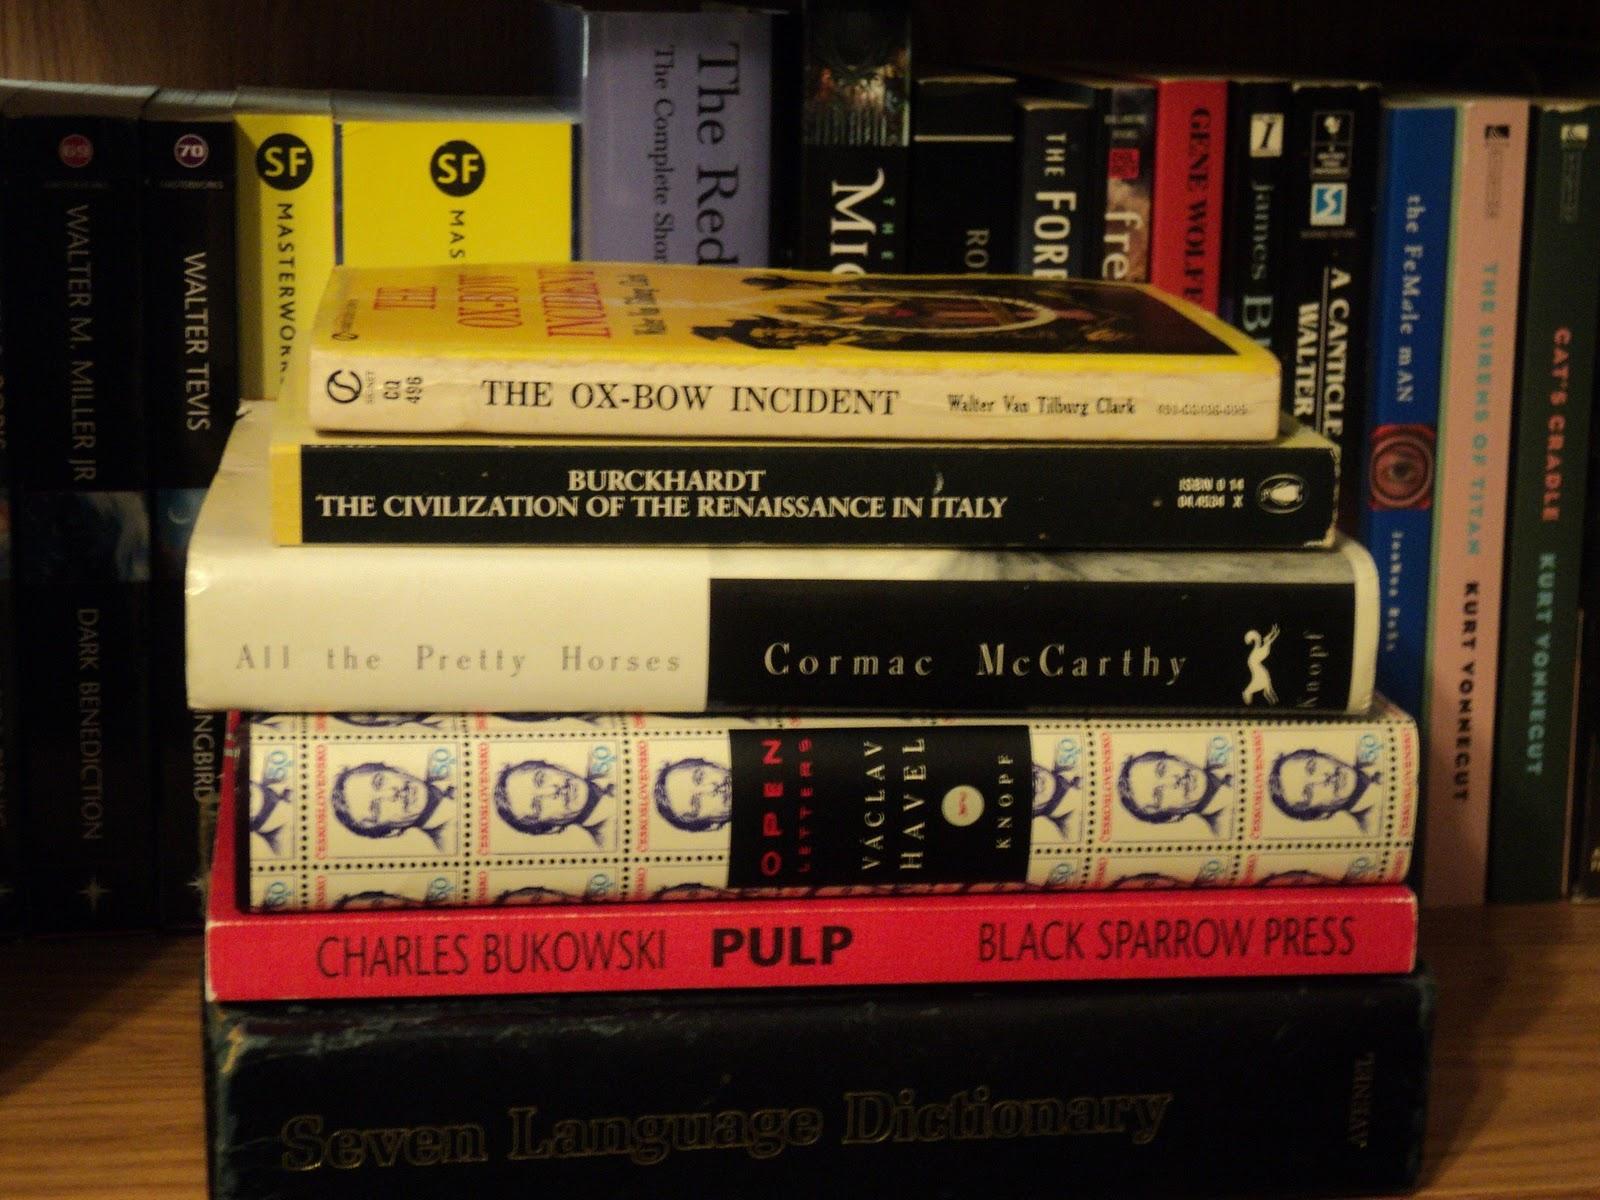 http://1.bp.blogspot.com/_d5oY65EF1Ts/TOBiBBwBjDI/AAAAAAAAC_0/RD9PfV3Krwk/s1600/November+14+Used+Book+Porn+002.JPG